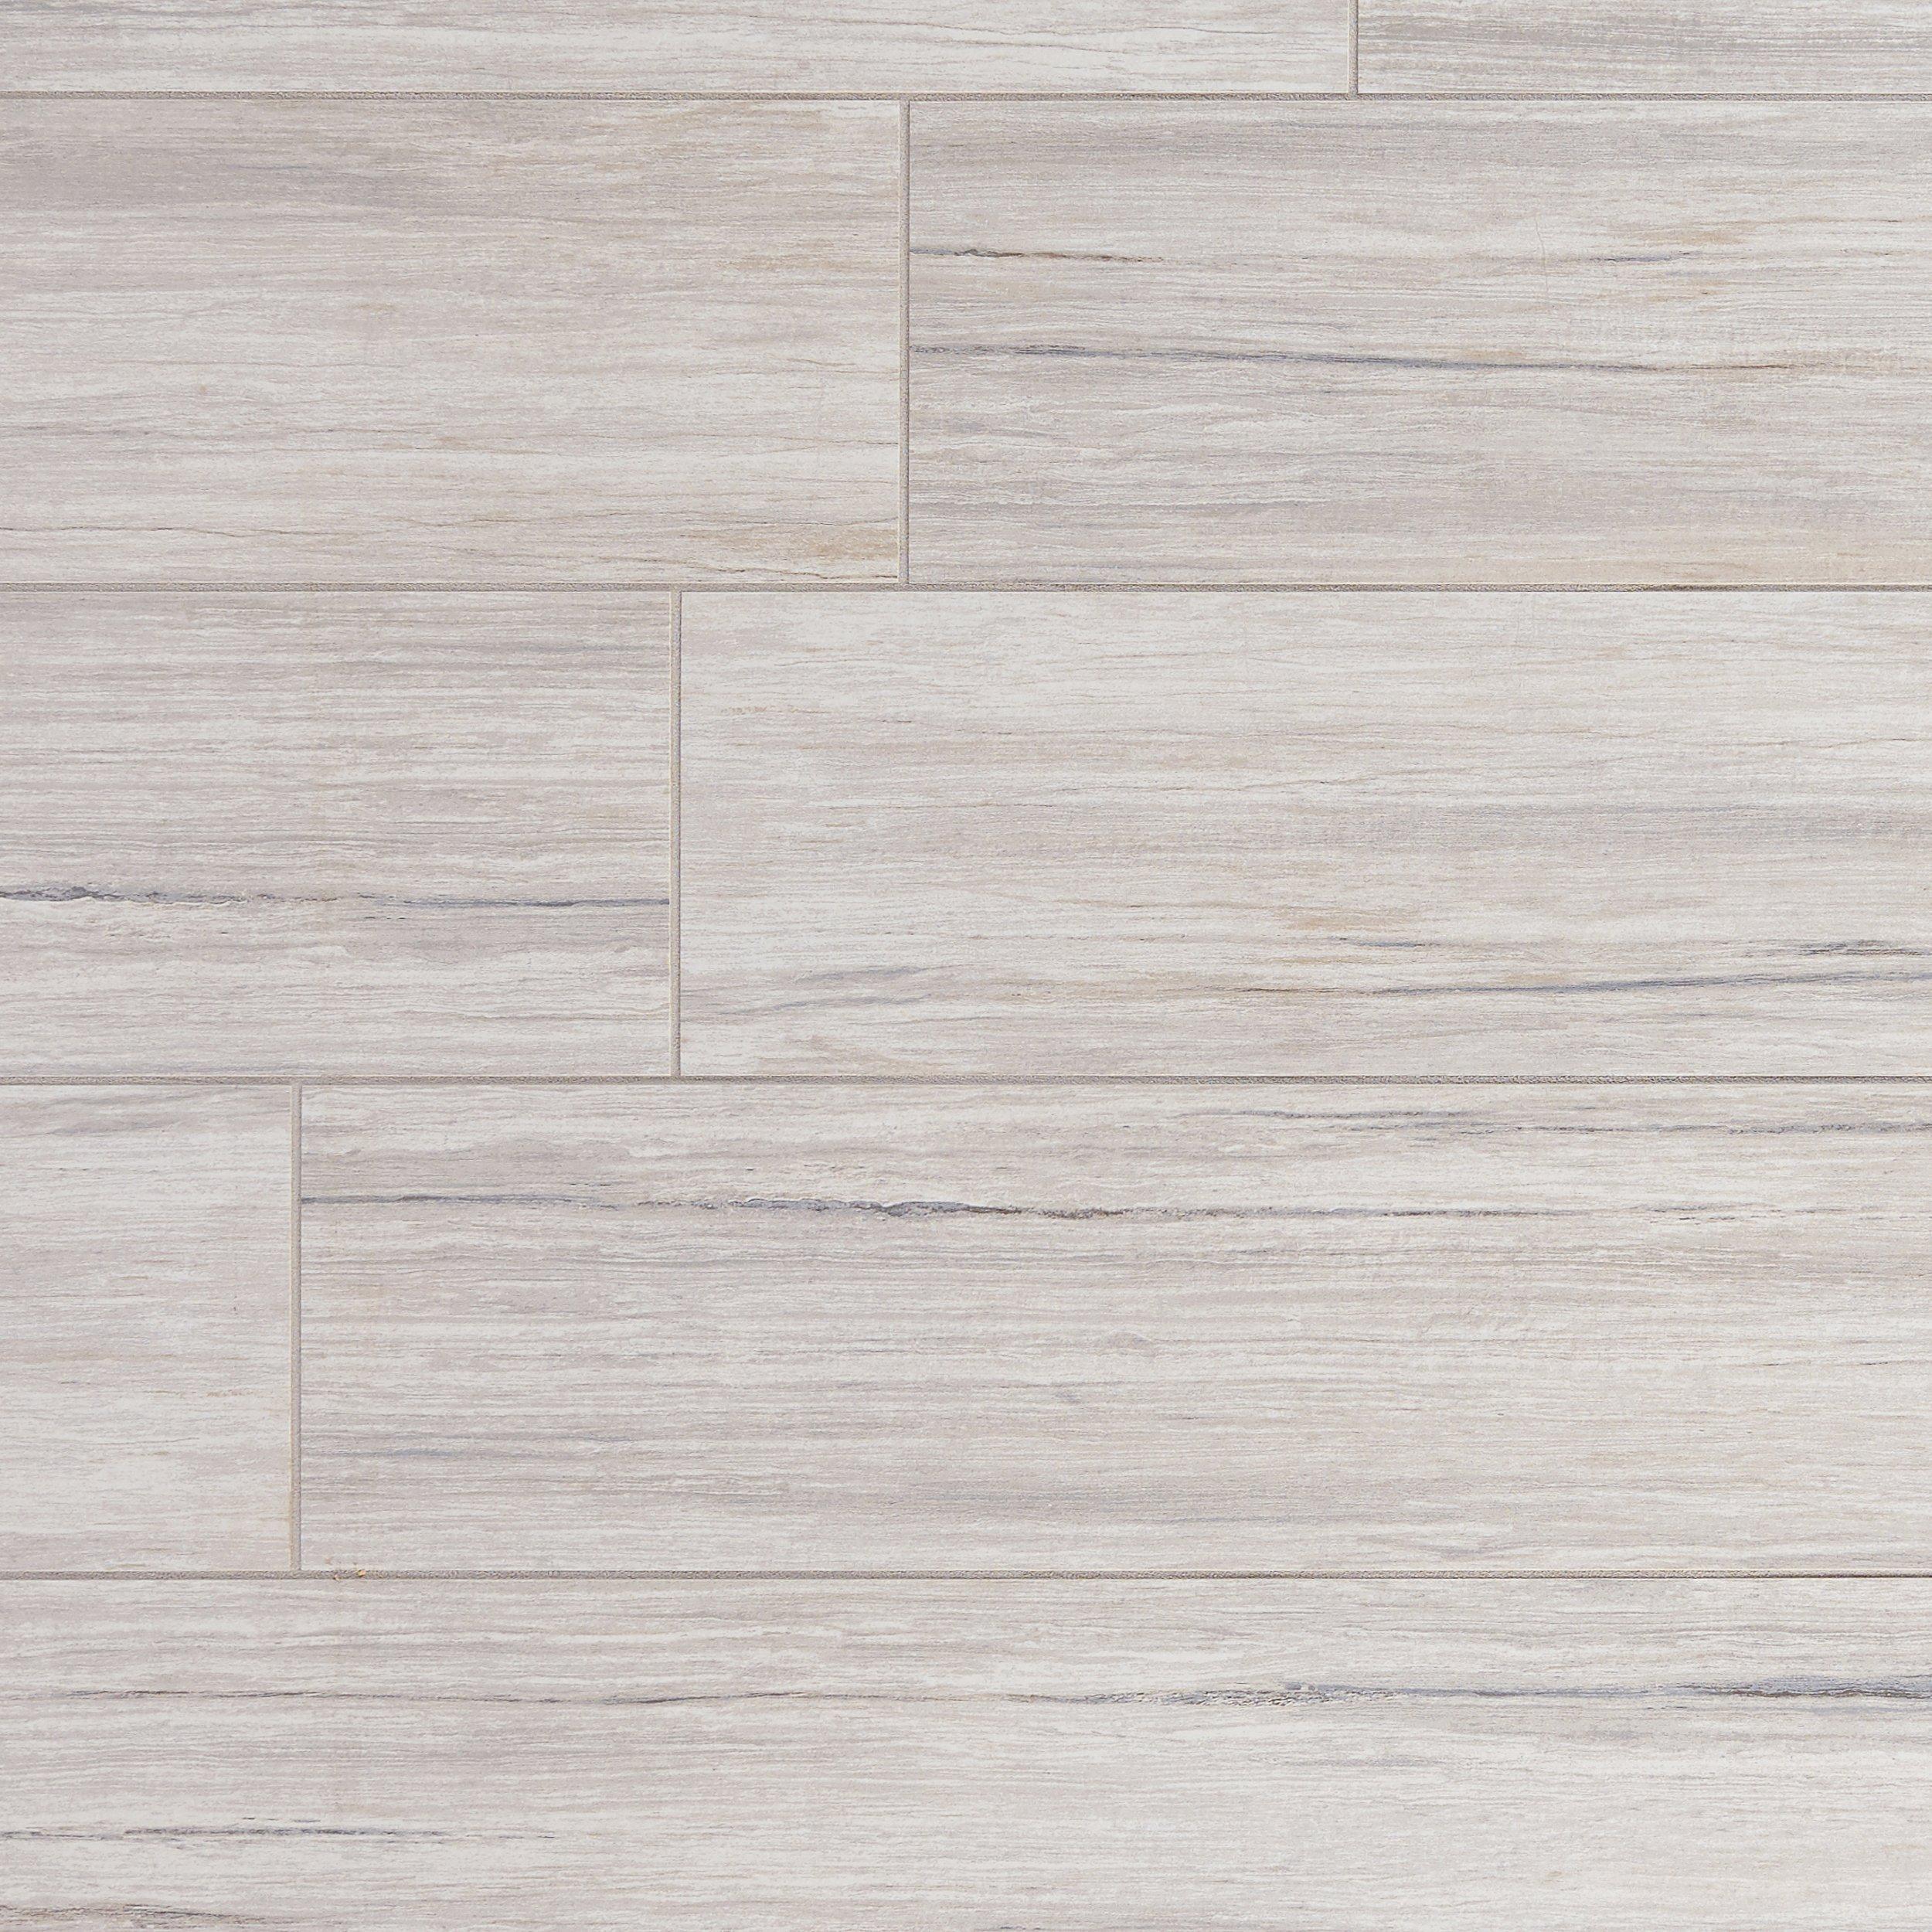 Sahara Sand Stone Look Porcelain Tile - 8 x 48 - 100190412 | Floor